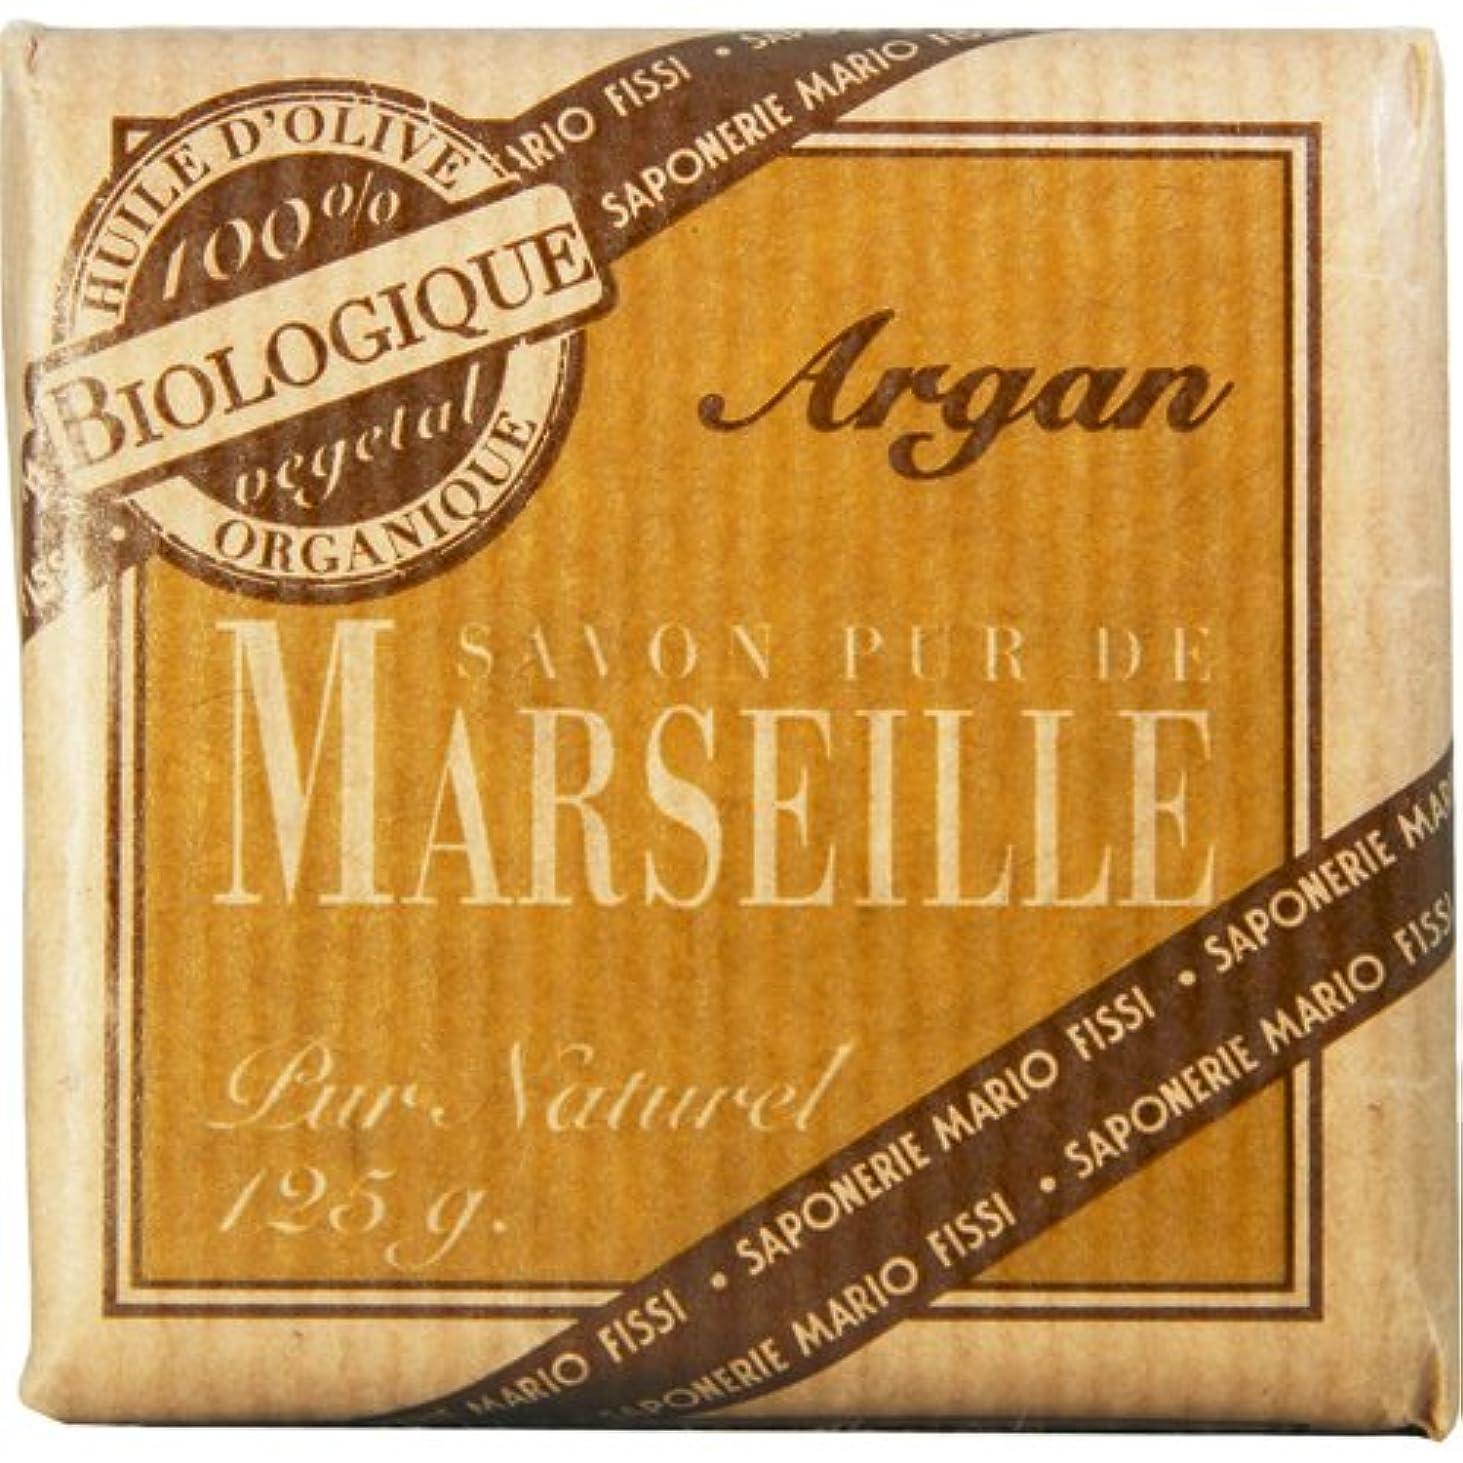 技術的な余韻黙Saponerire Fissi マルセイユシリーズ マルセイユソープ 125g Argan アルガン